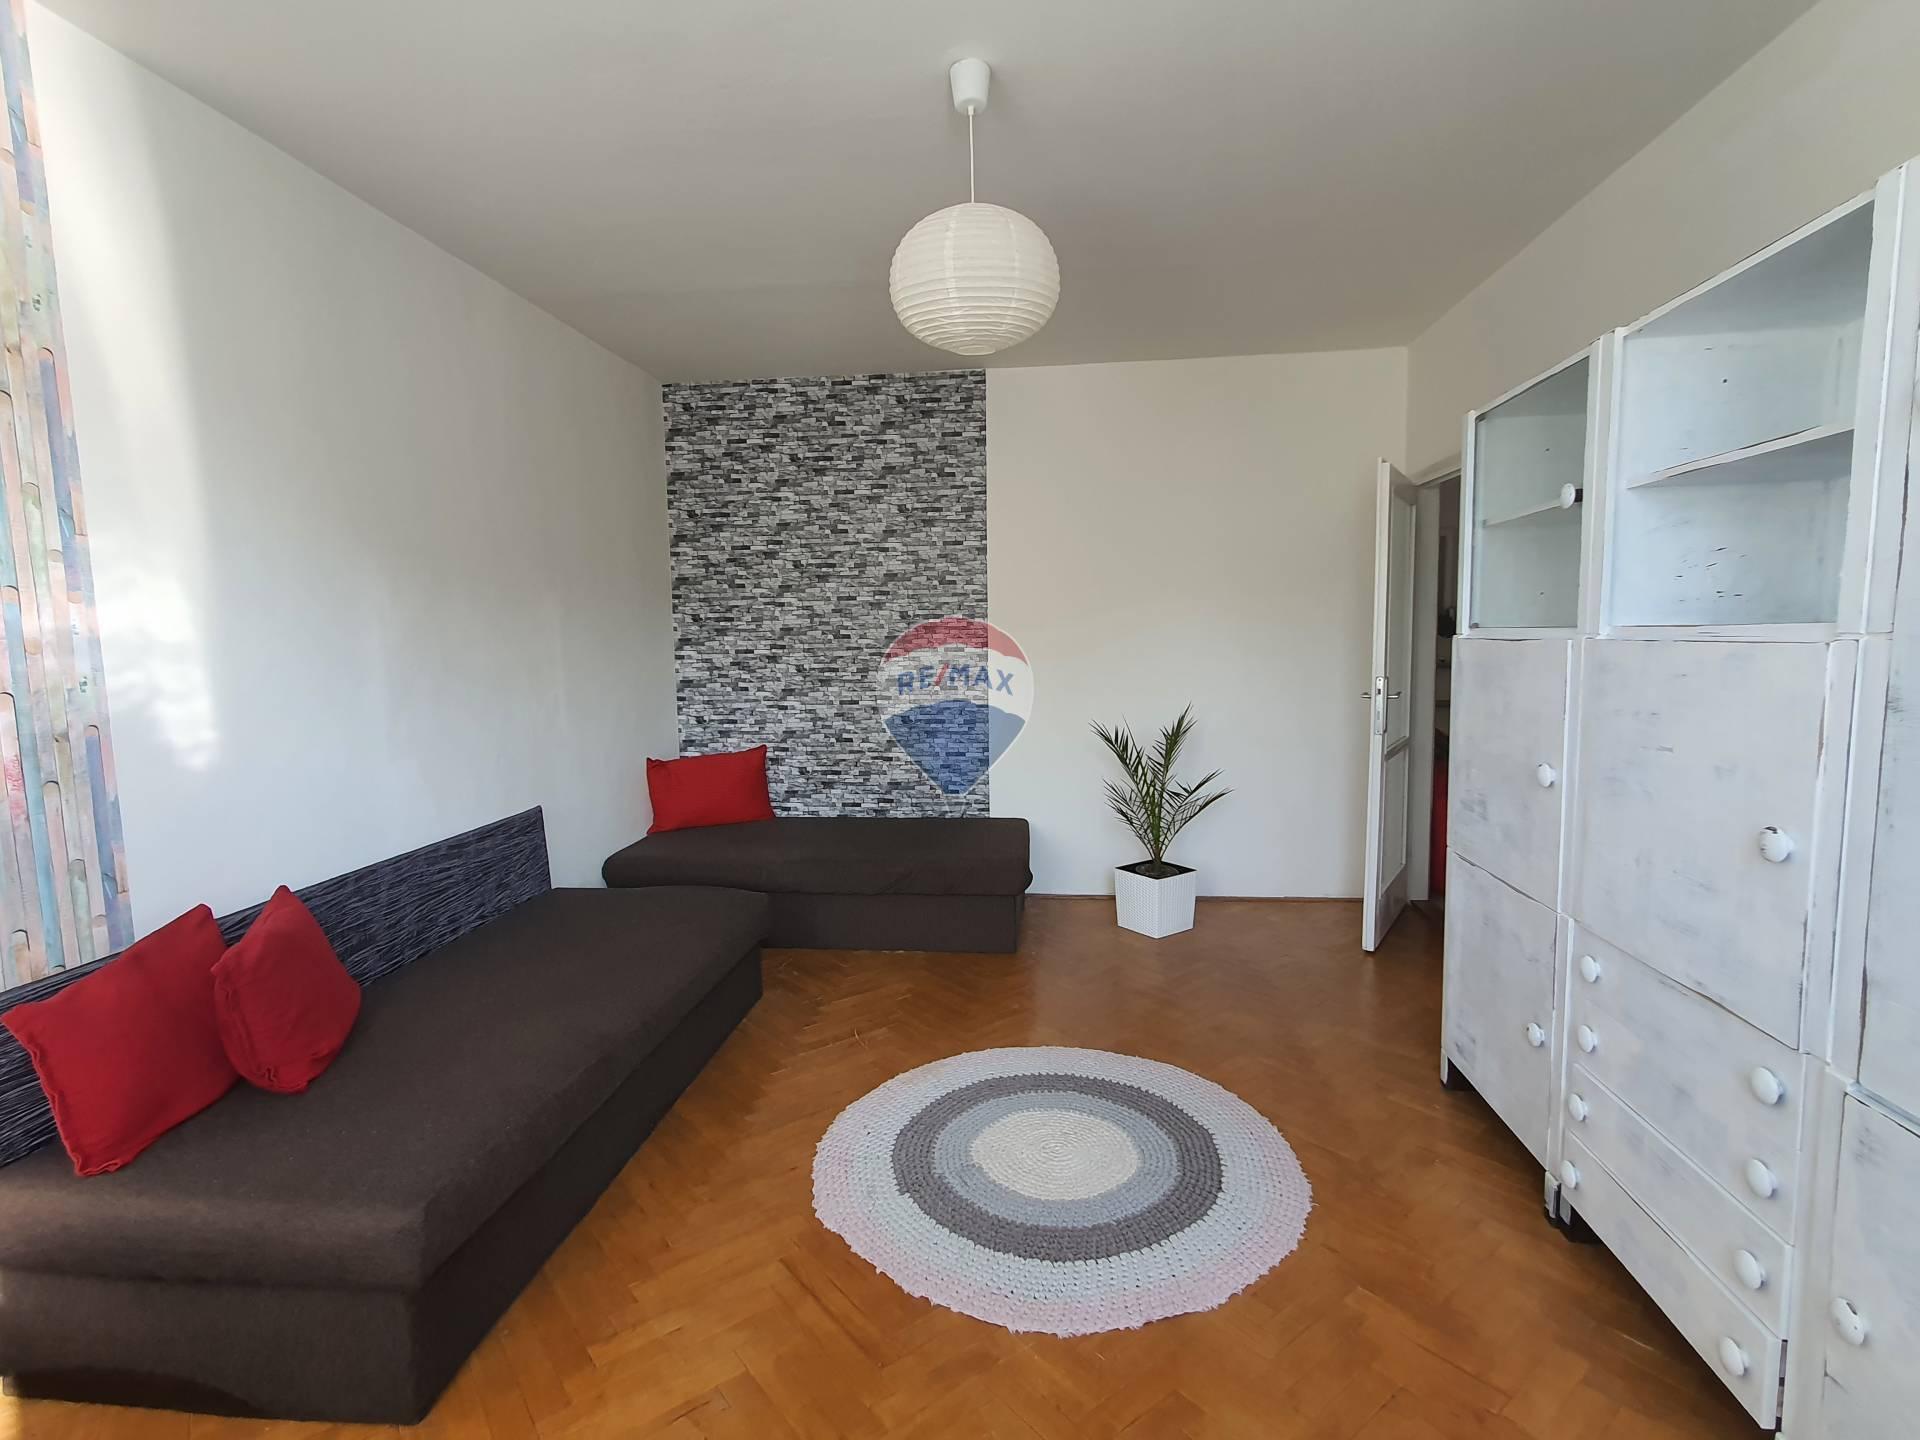 Predaj bytu (4 izbový) 91 m2, Bratislava - Nové Mesto -